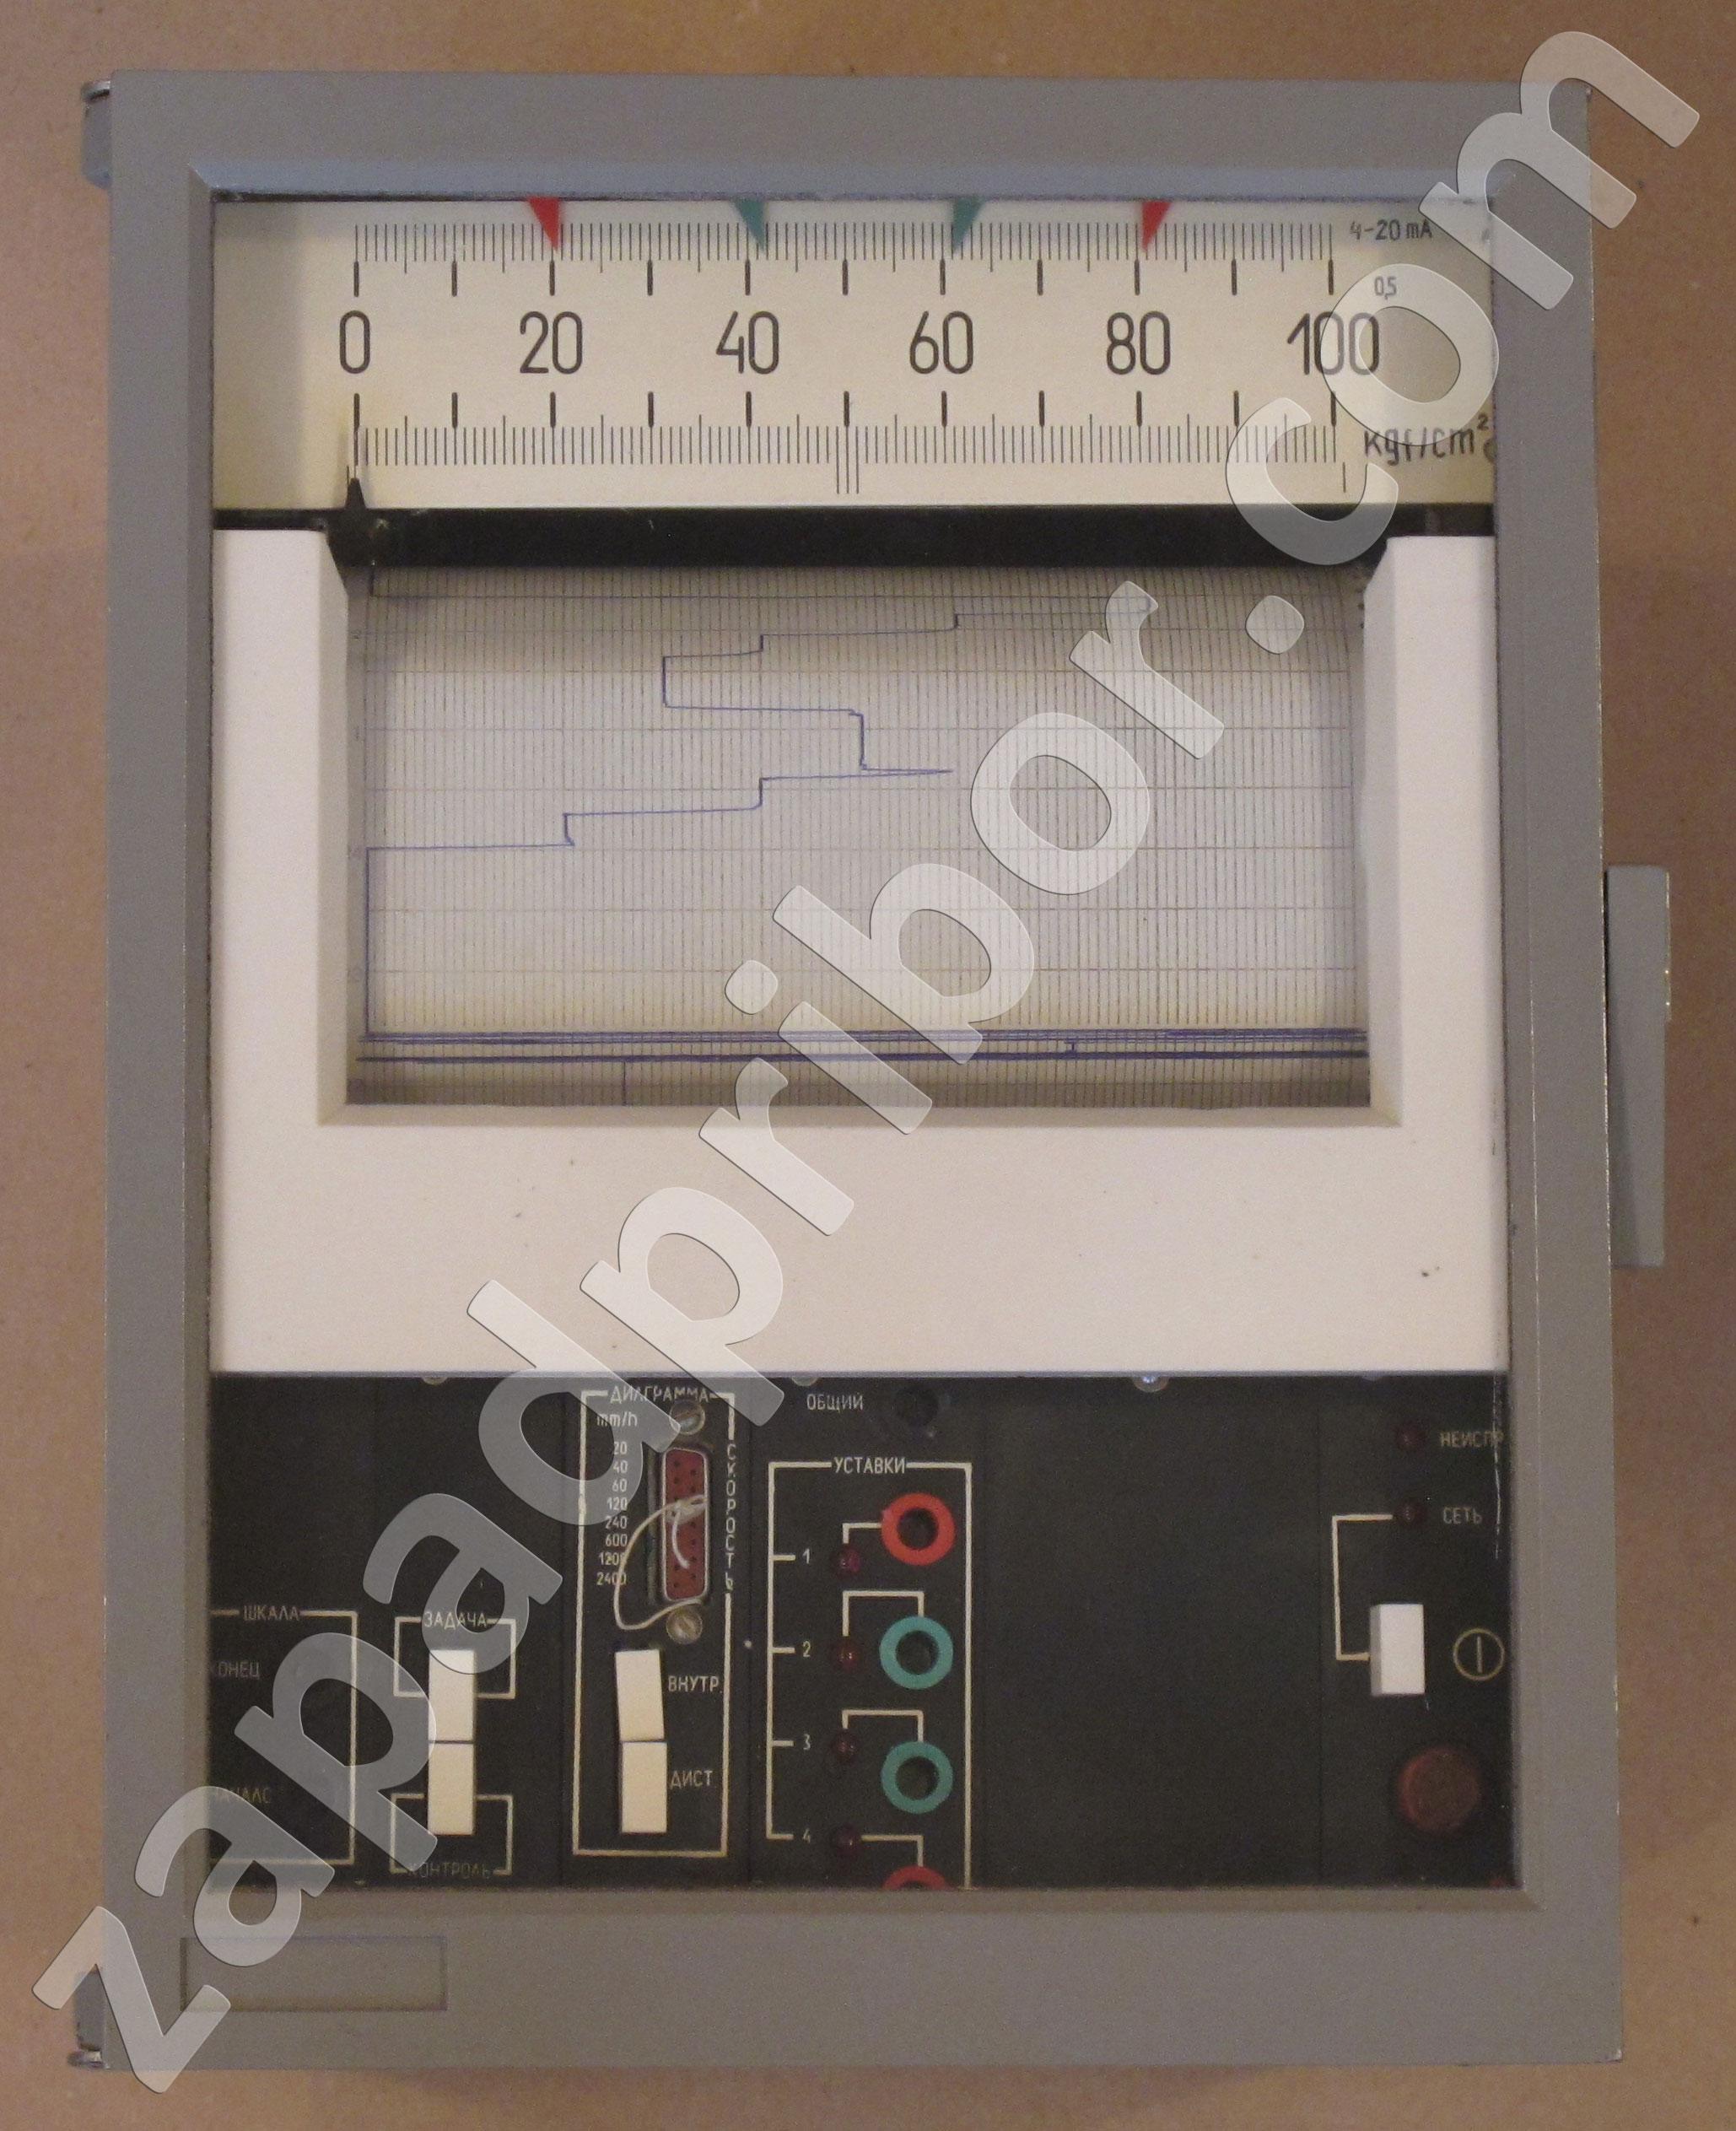 электропривод рп-а-02 схема электрическая